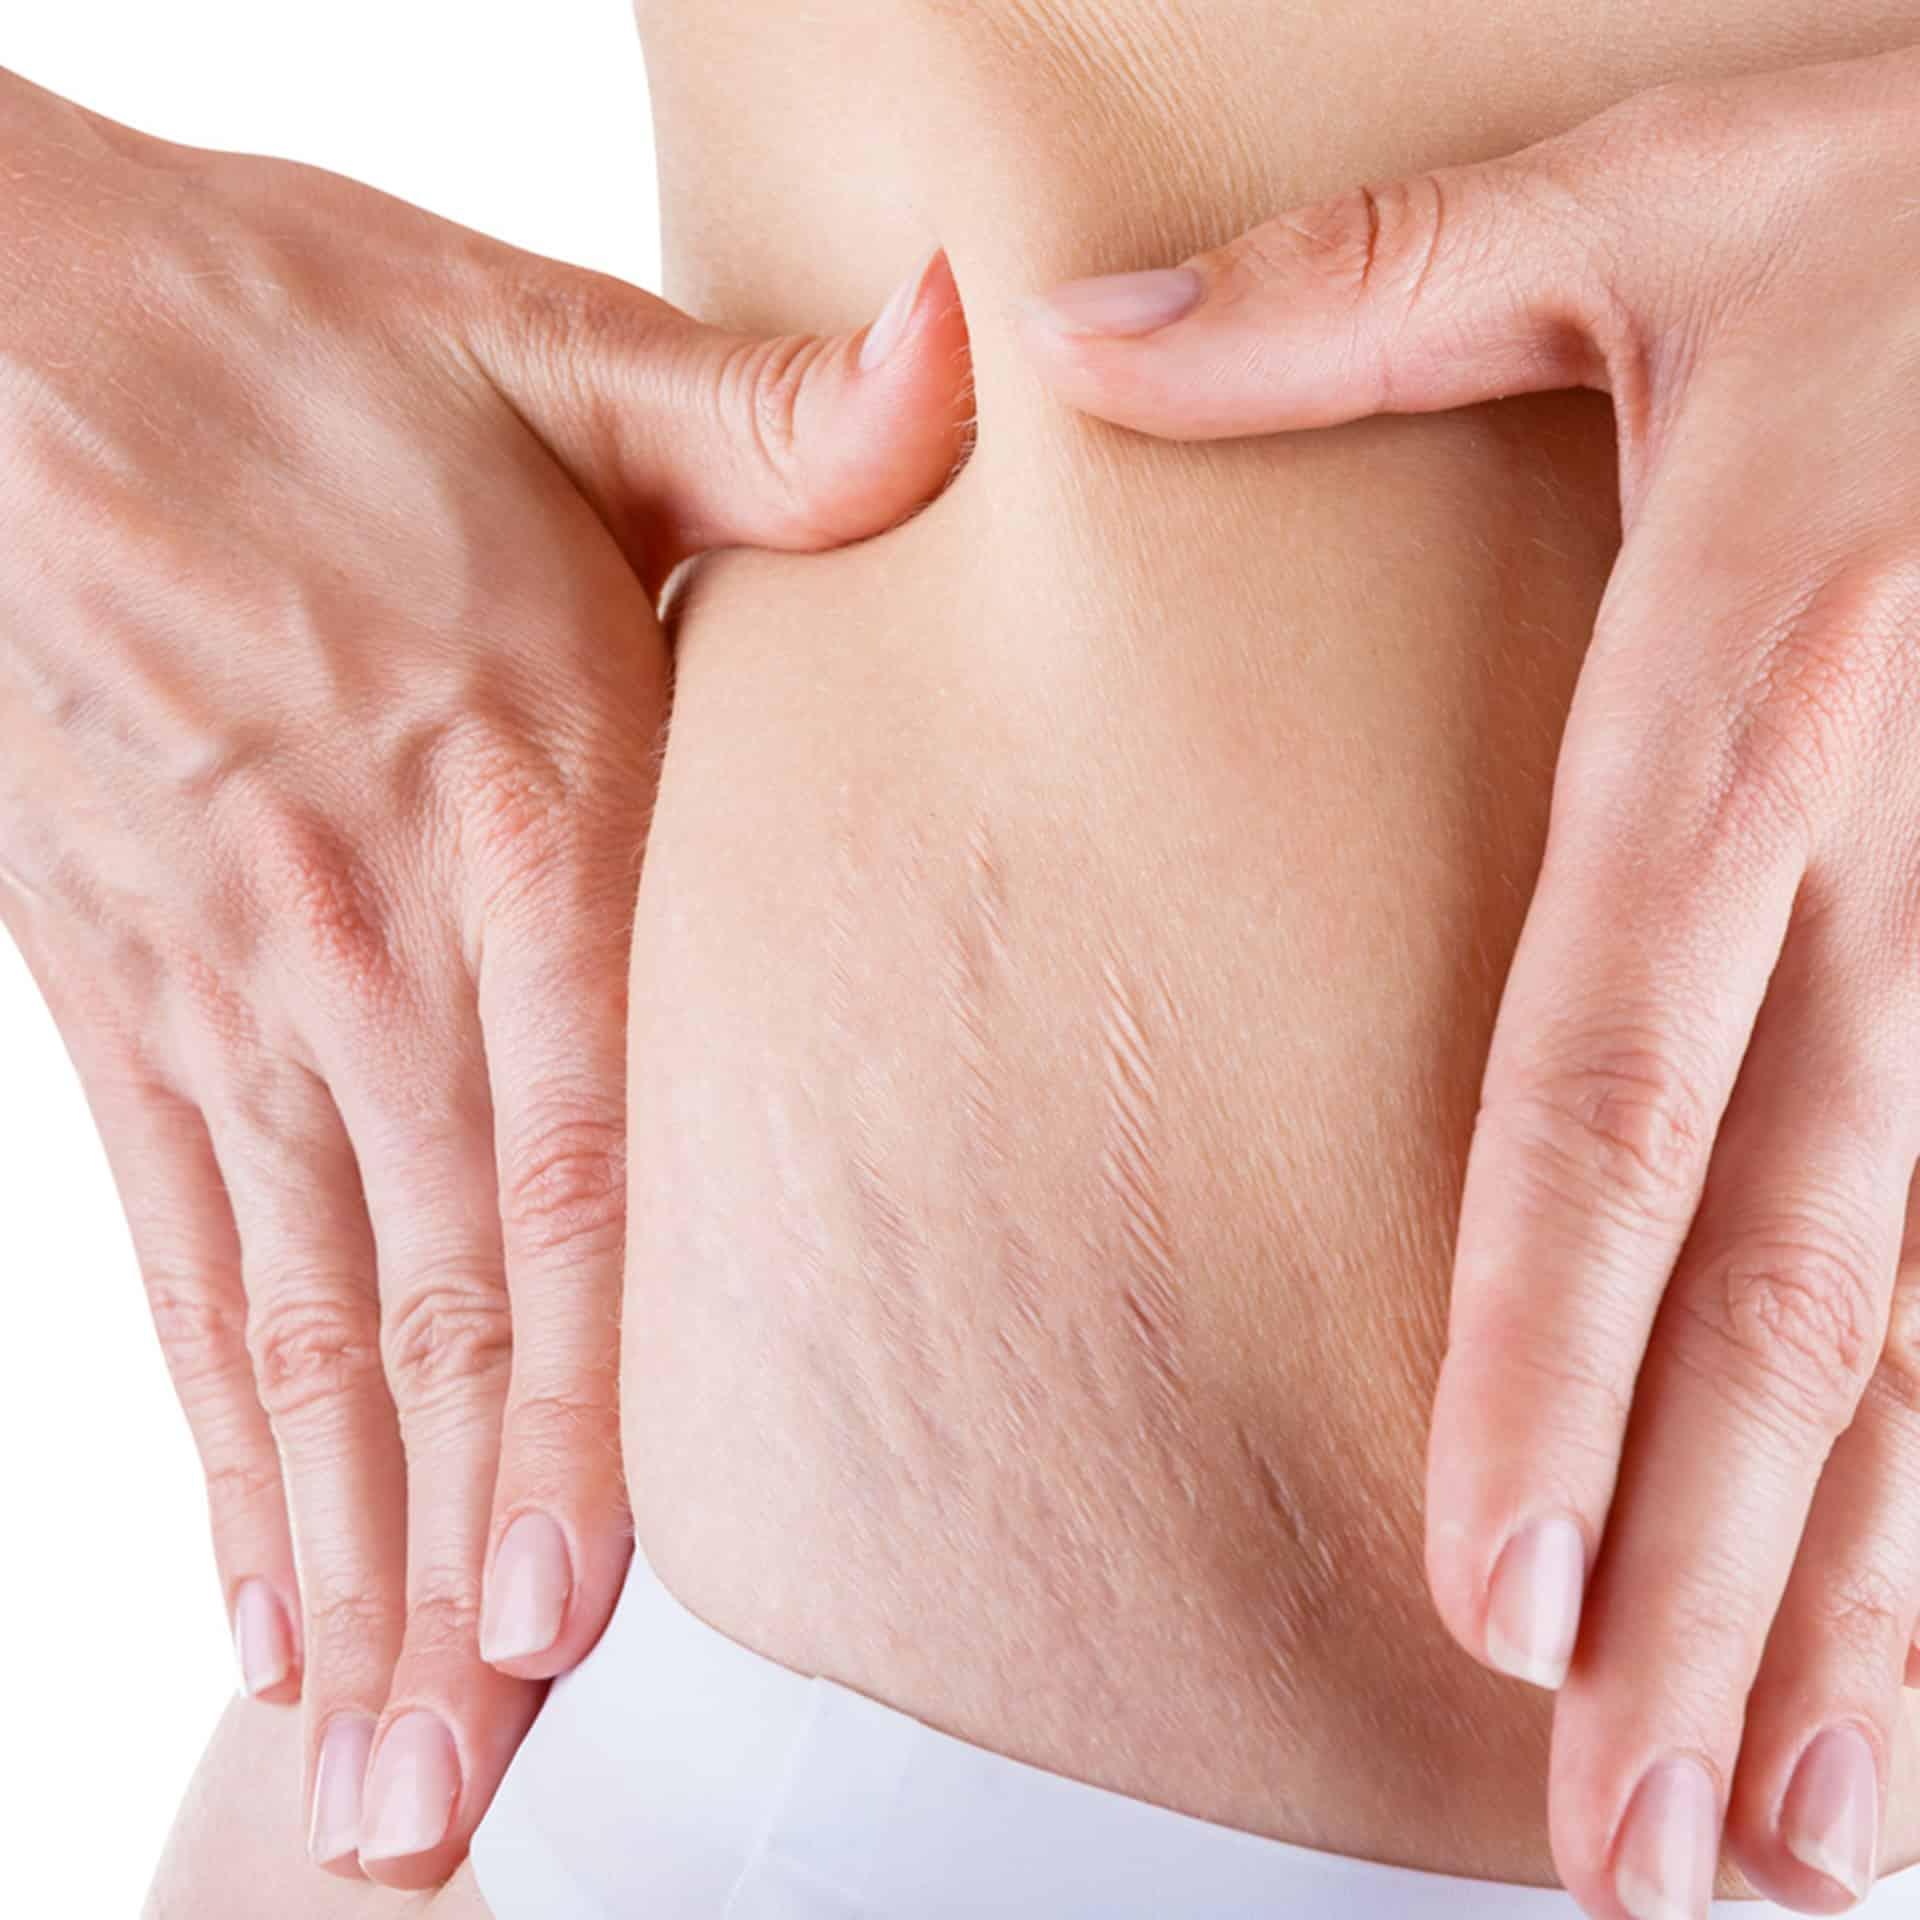 Как избавиться от растяжек после родов и беременности: 5 средств для живота, груди и бедер